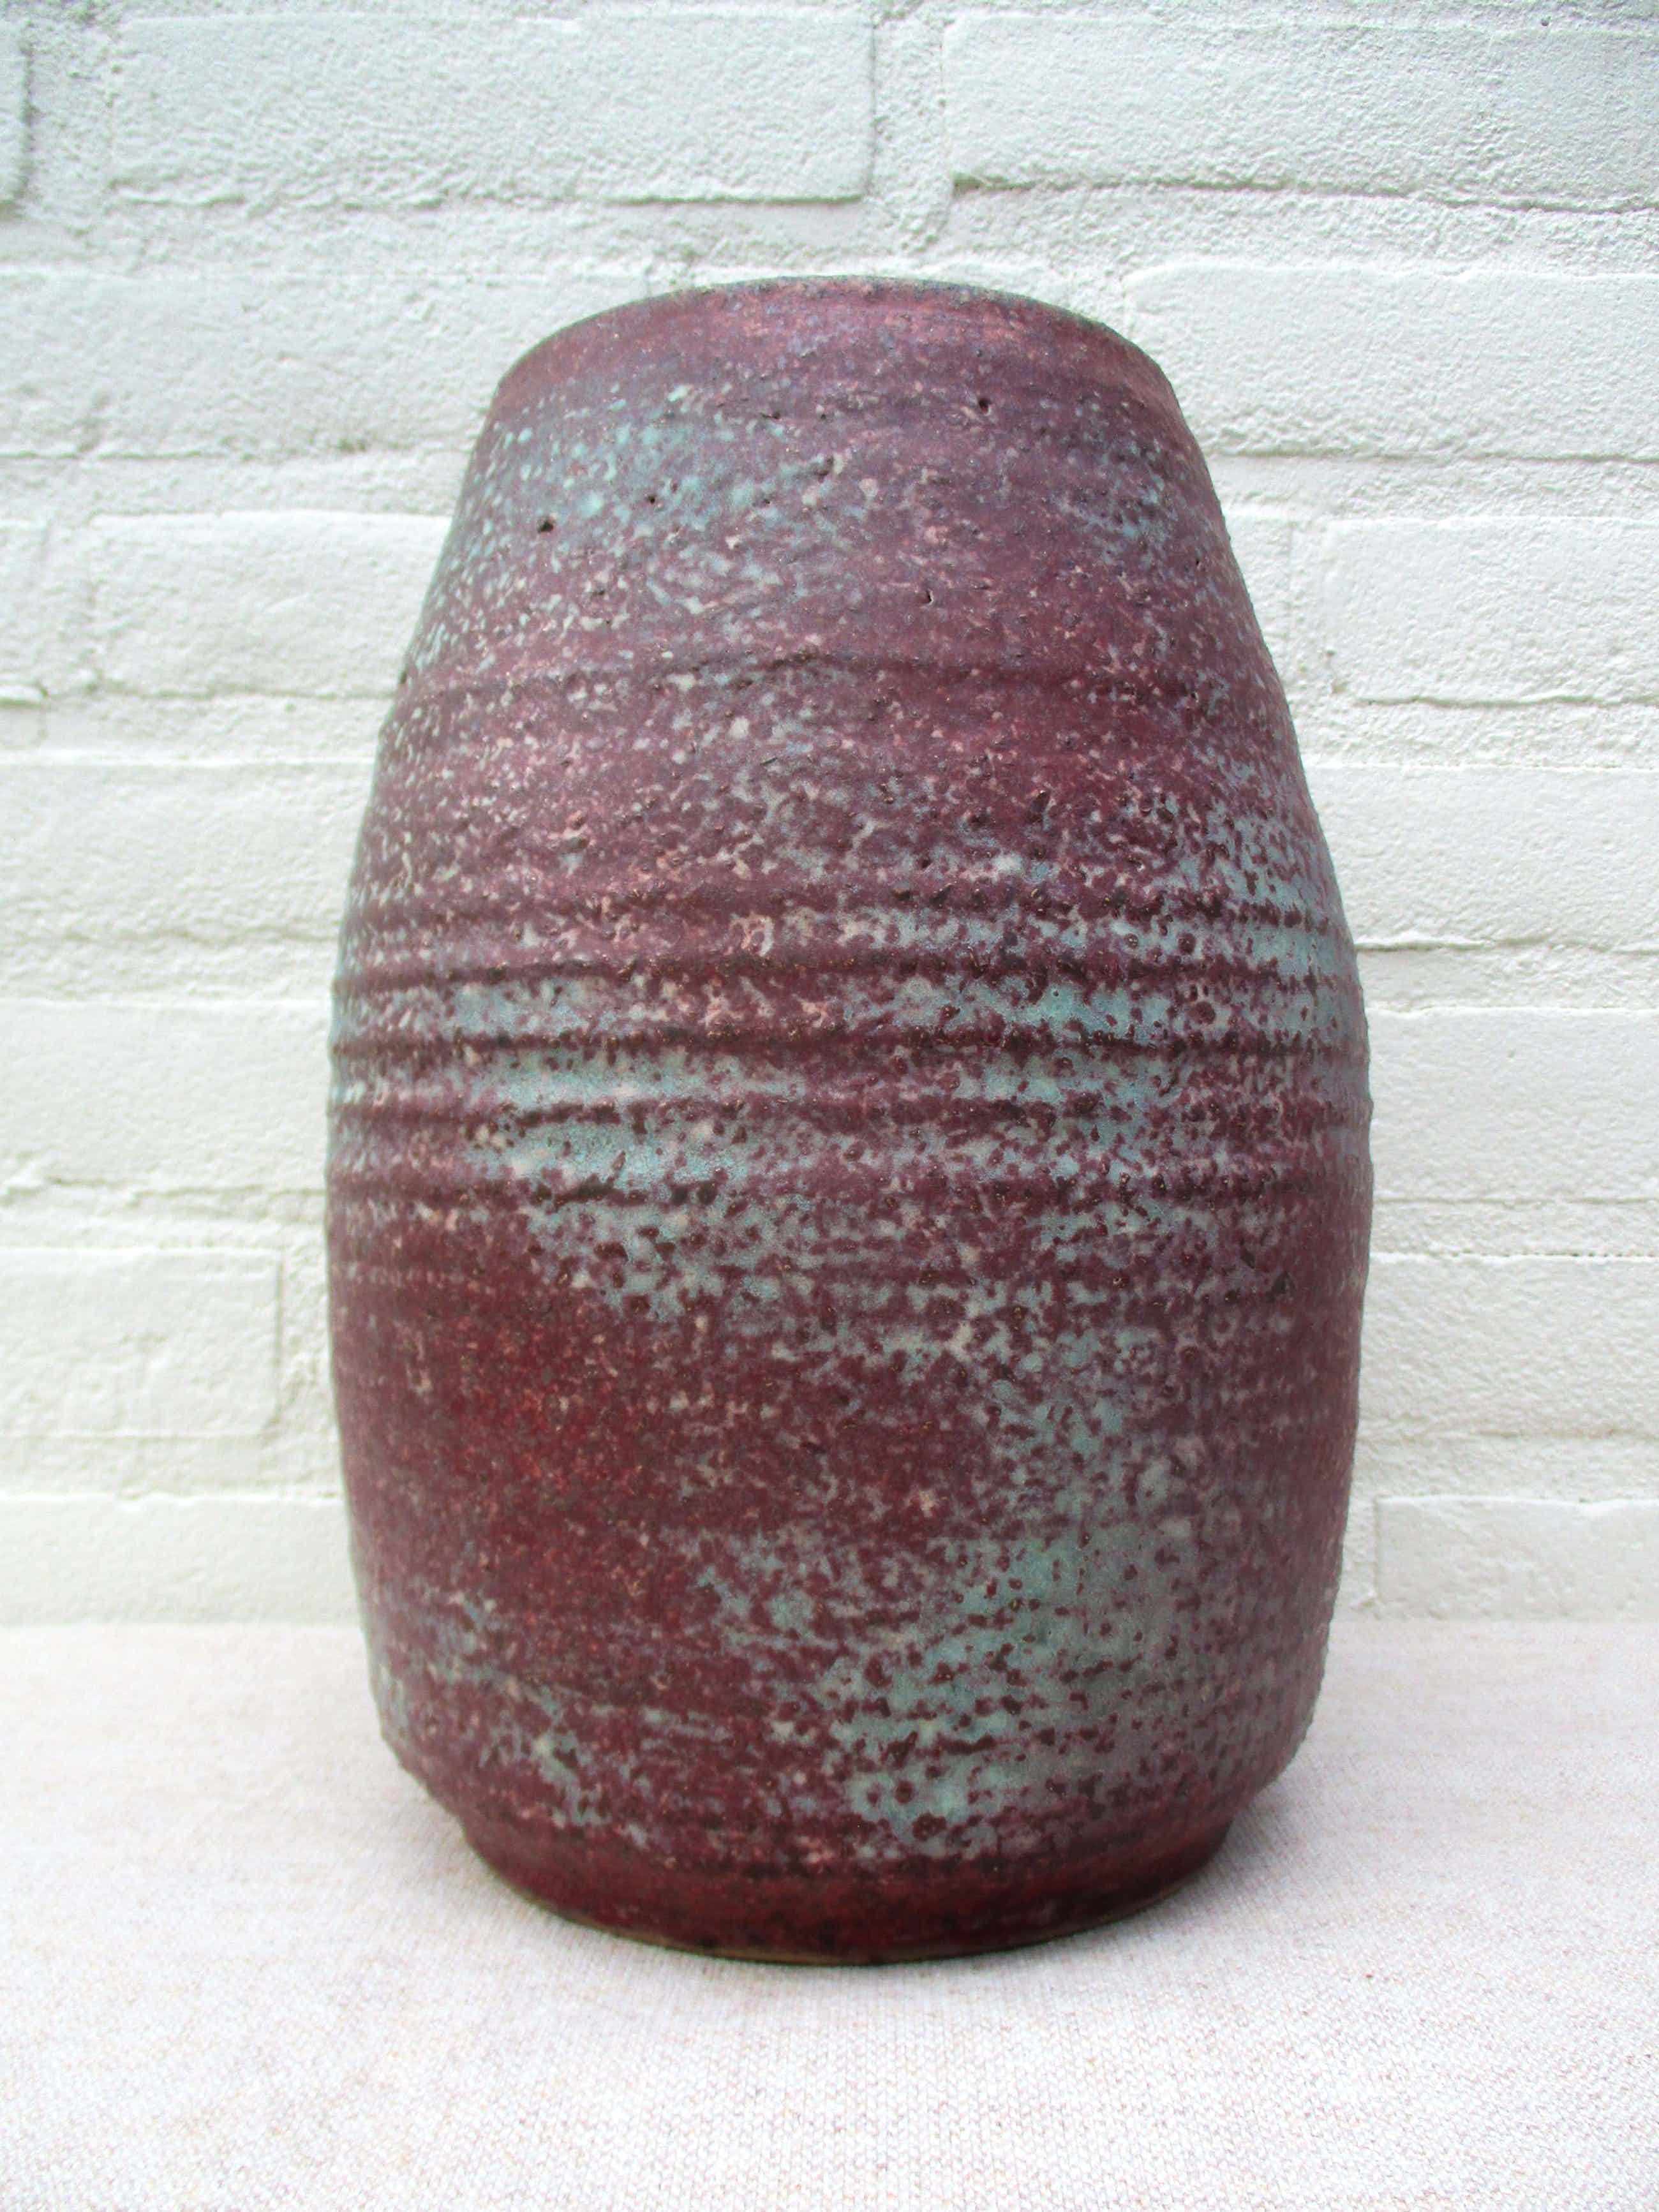 Mobach Keramiek - Grote vaas paars/blauw tinten kopen? Bied vanaf 35!